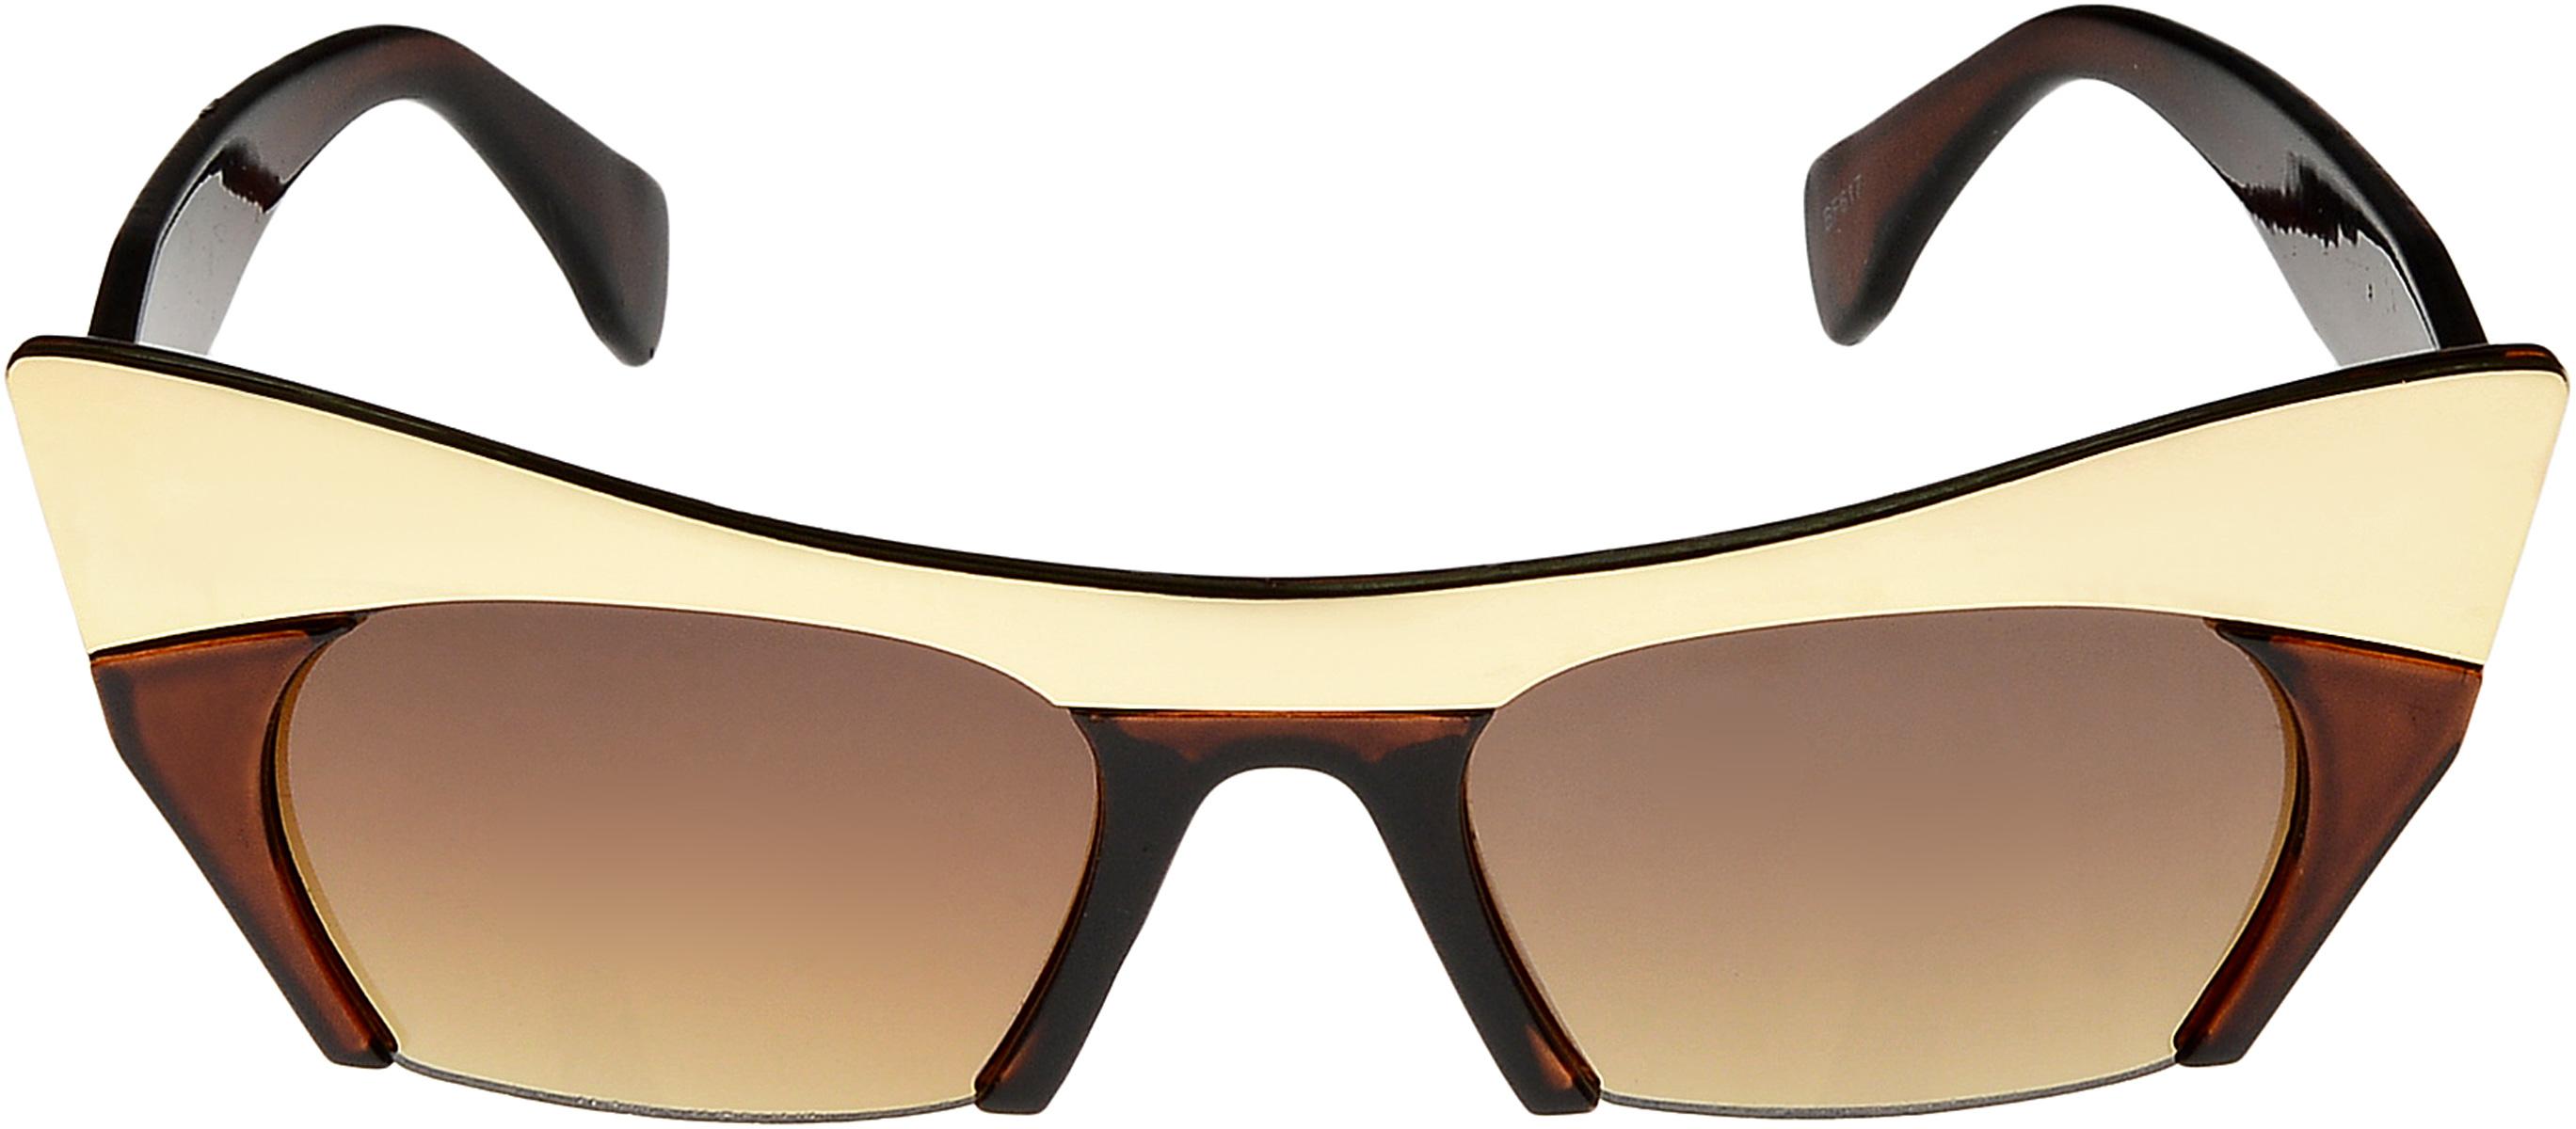 Очки солнцезащитные женские Vittorio Richi, цвет: коричневый. ОСкиски/17fINT-06501Очки солнцезащитные Vittorio Richi это знаменитое итальянское качество и традиционно изысканный дизайн.